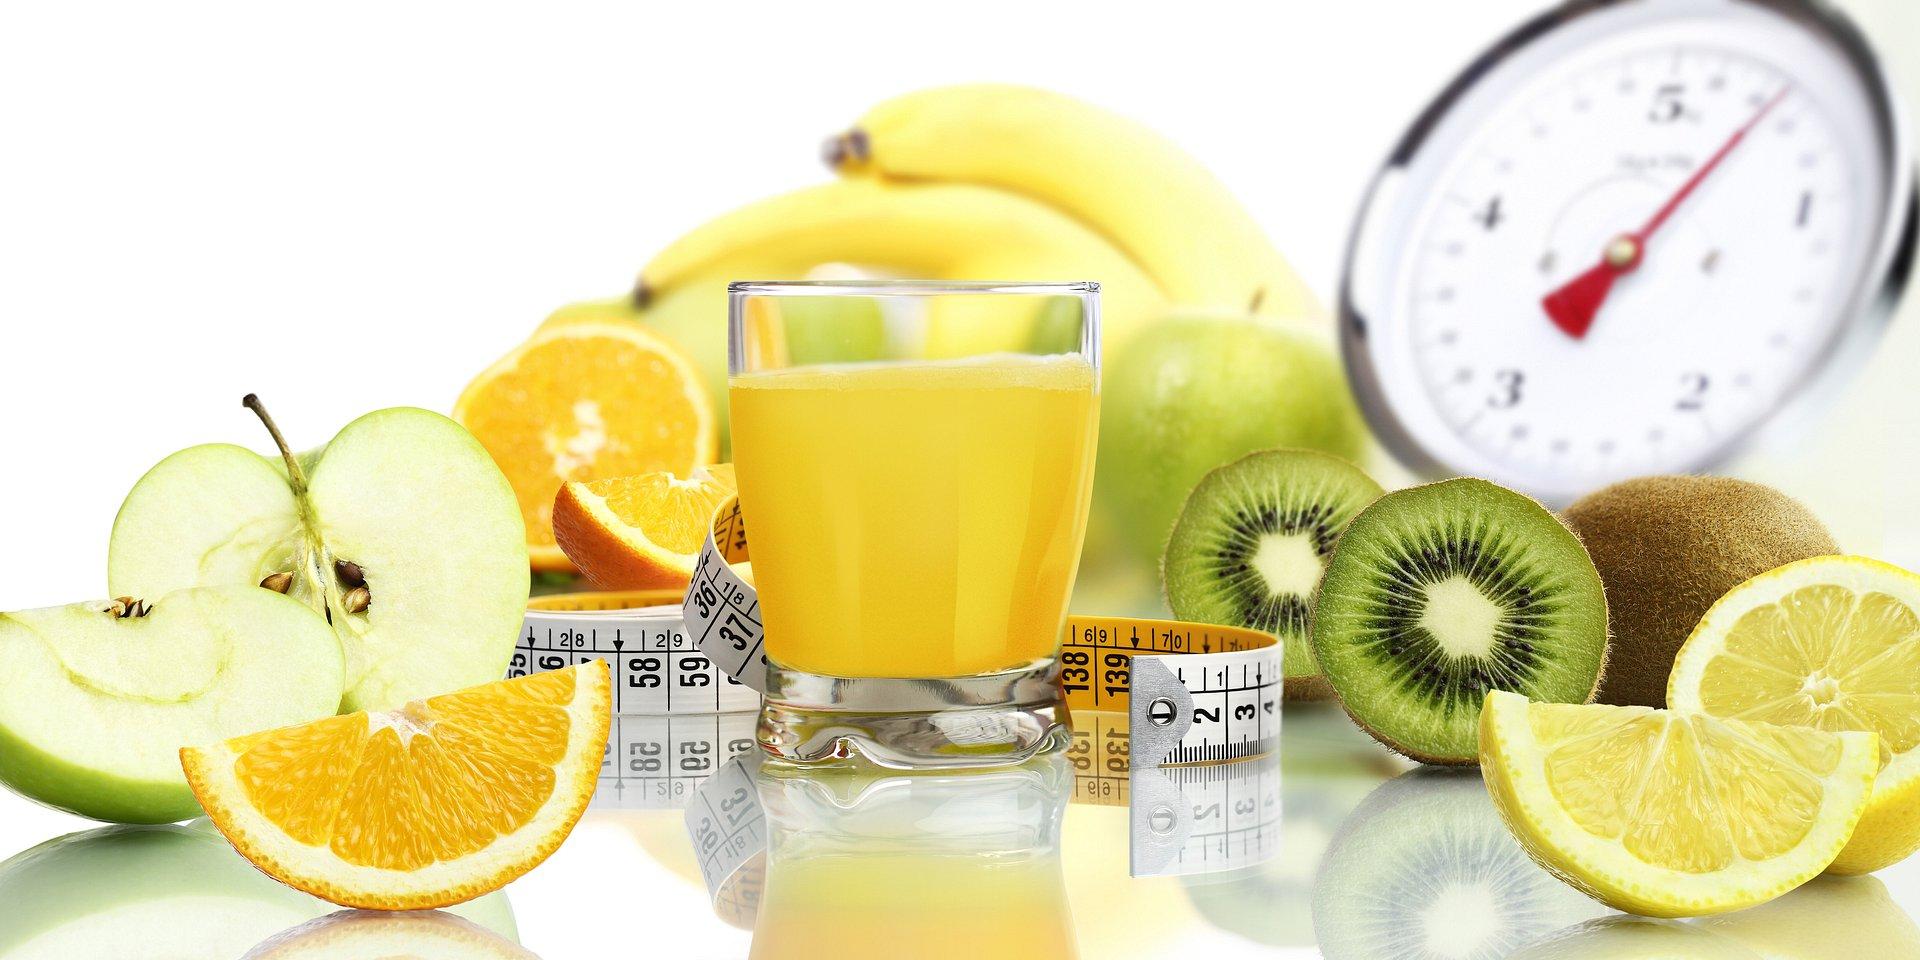 Sok owocowy ma wysoki indeks glikemiczny: PRAWDA CZY FAŁSZ?